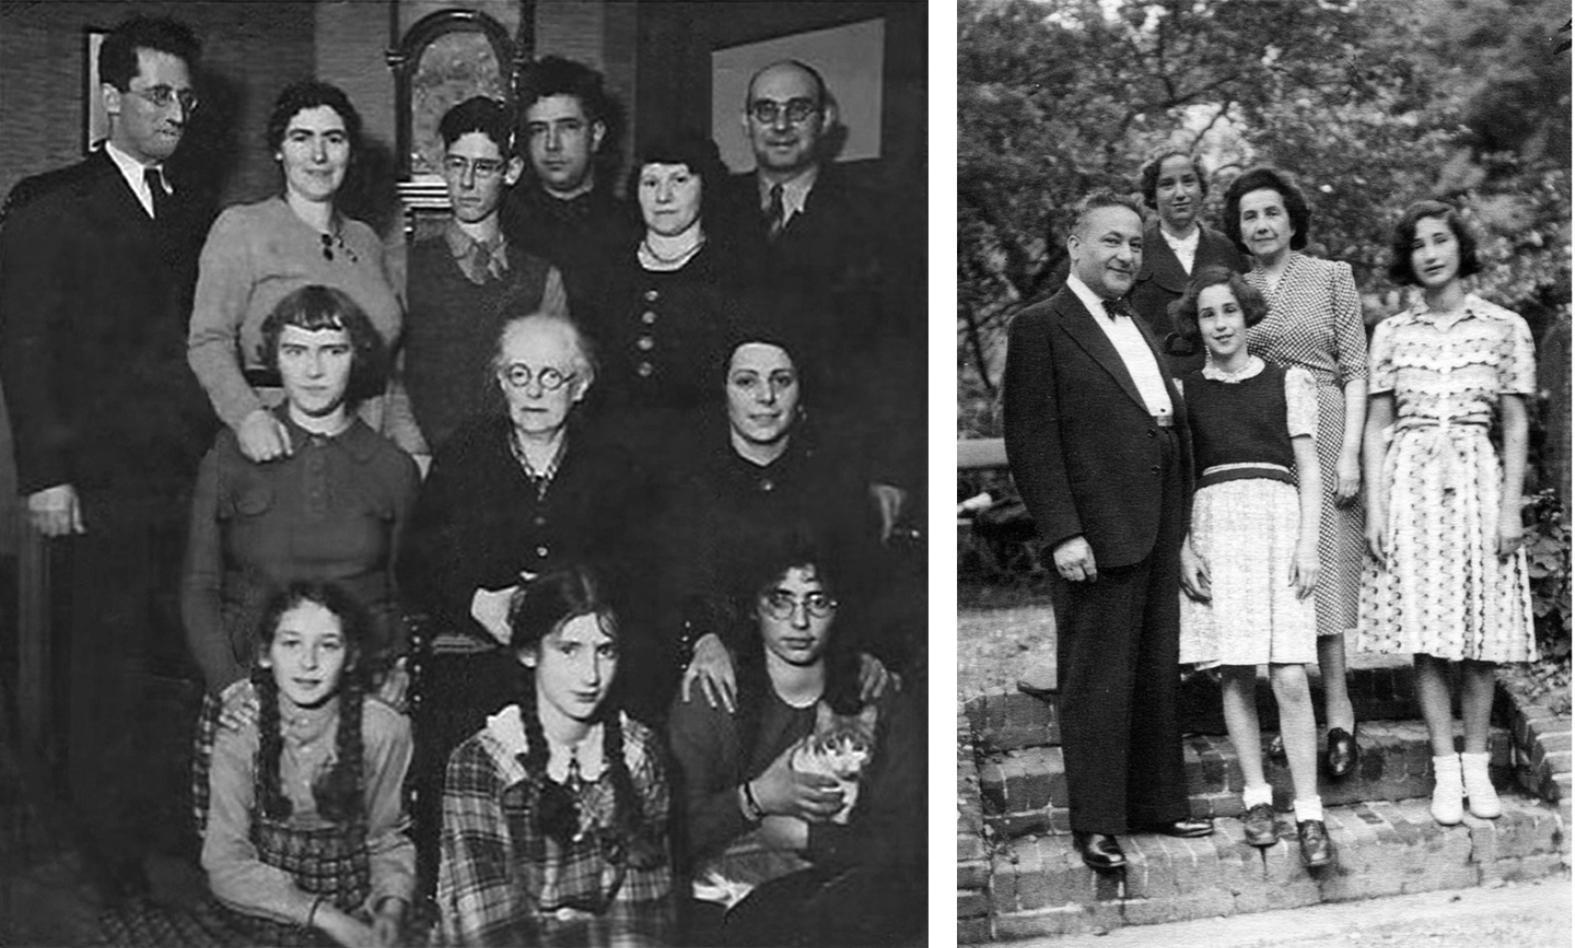 Stânga: Bruno Asch (stânga, spate) și-a luat viața înainte ca familia lui să fie capturată. Dreapta: Familia Win.